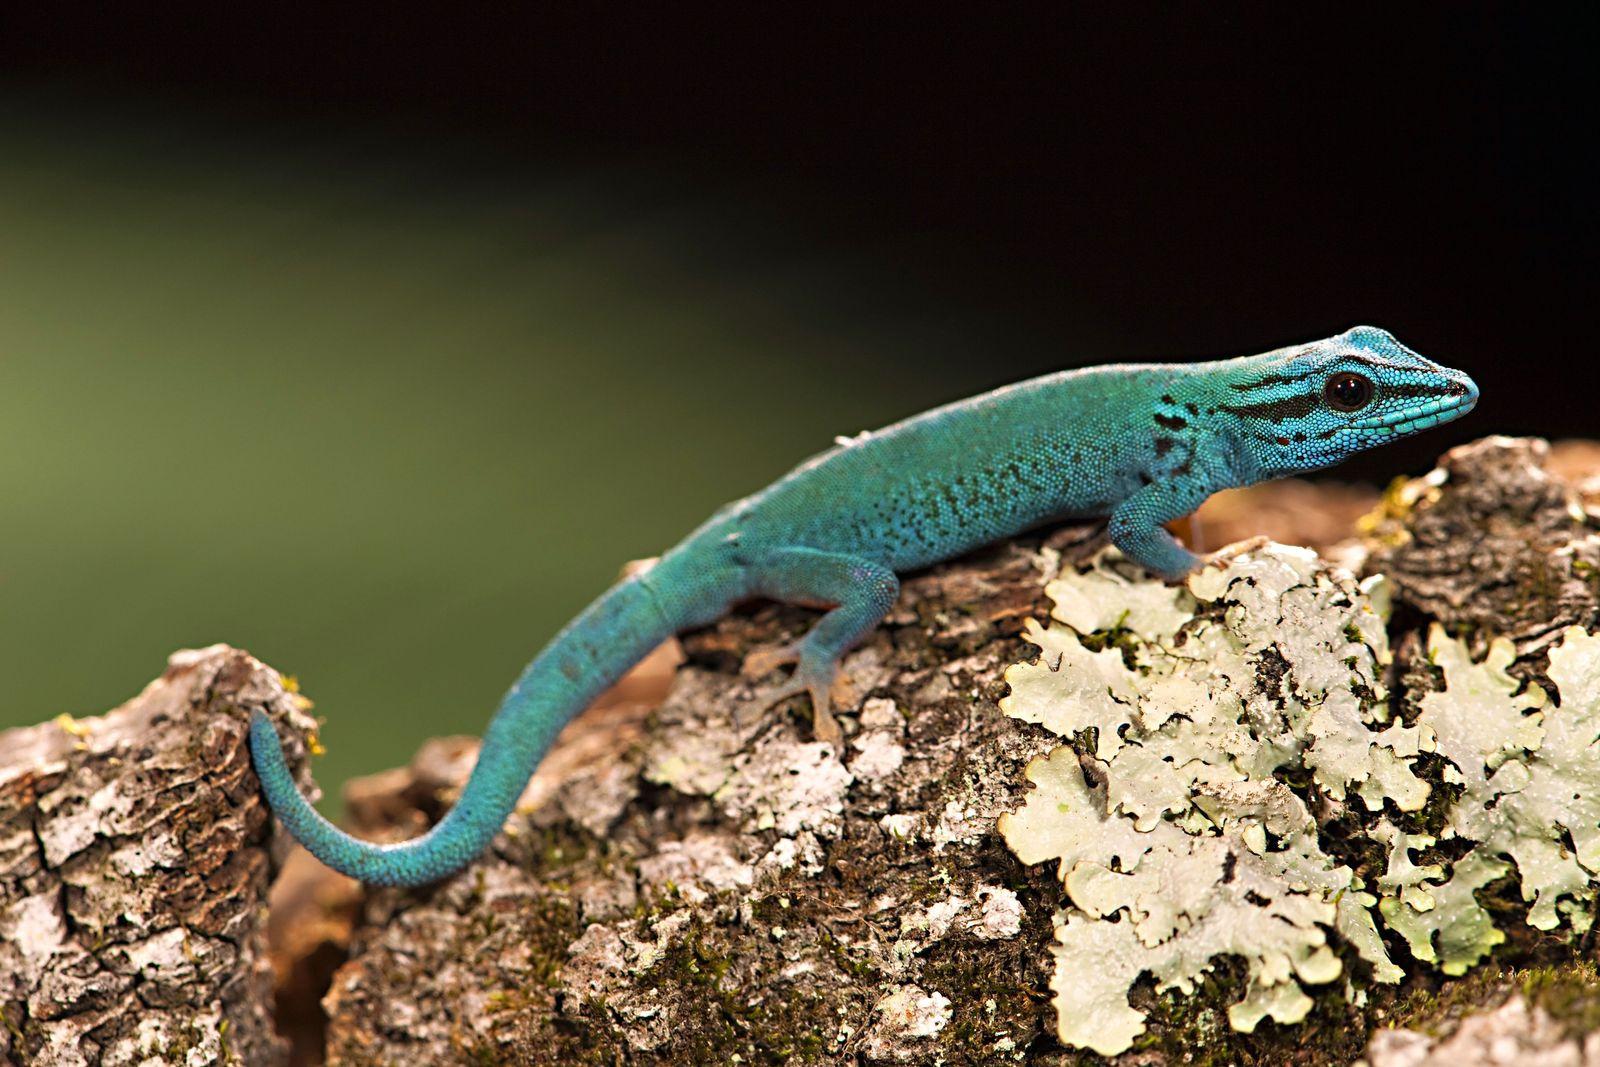 NICHT MEHR VERWENDEN! - Lygodactylus williamsi / Gecko